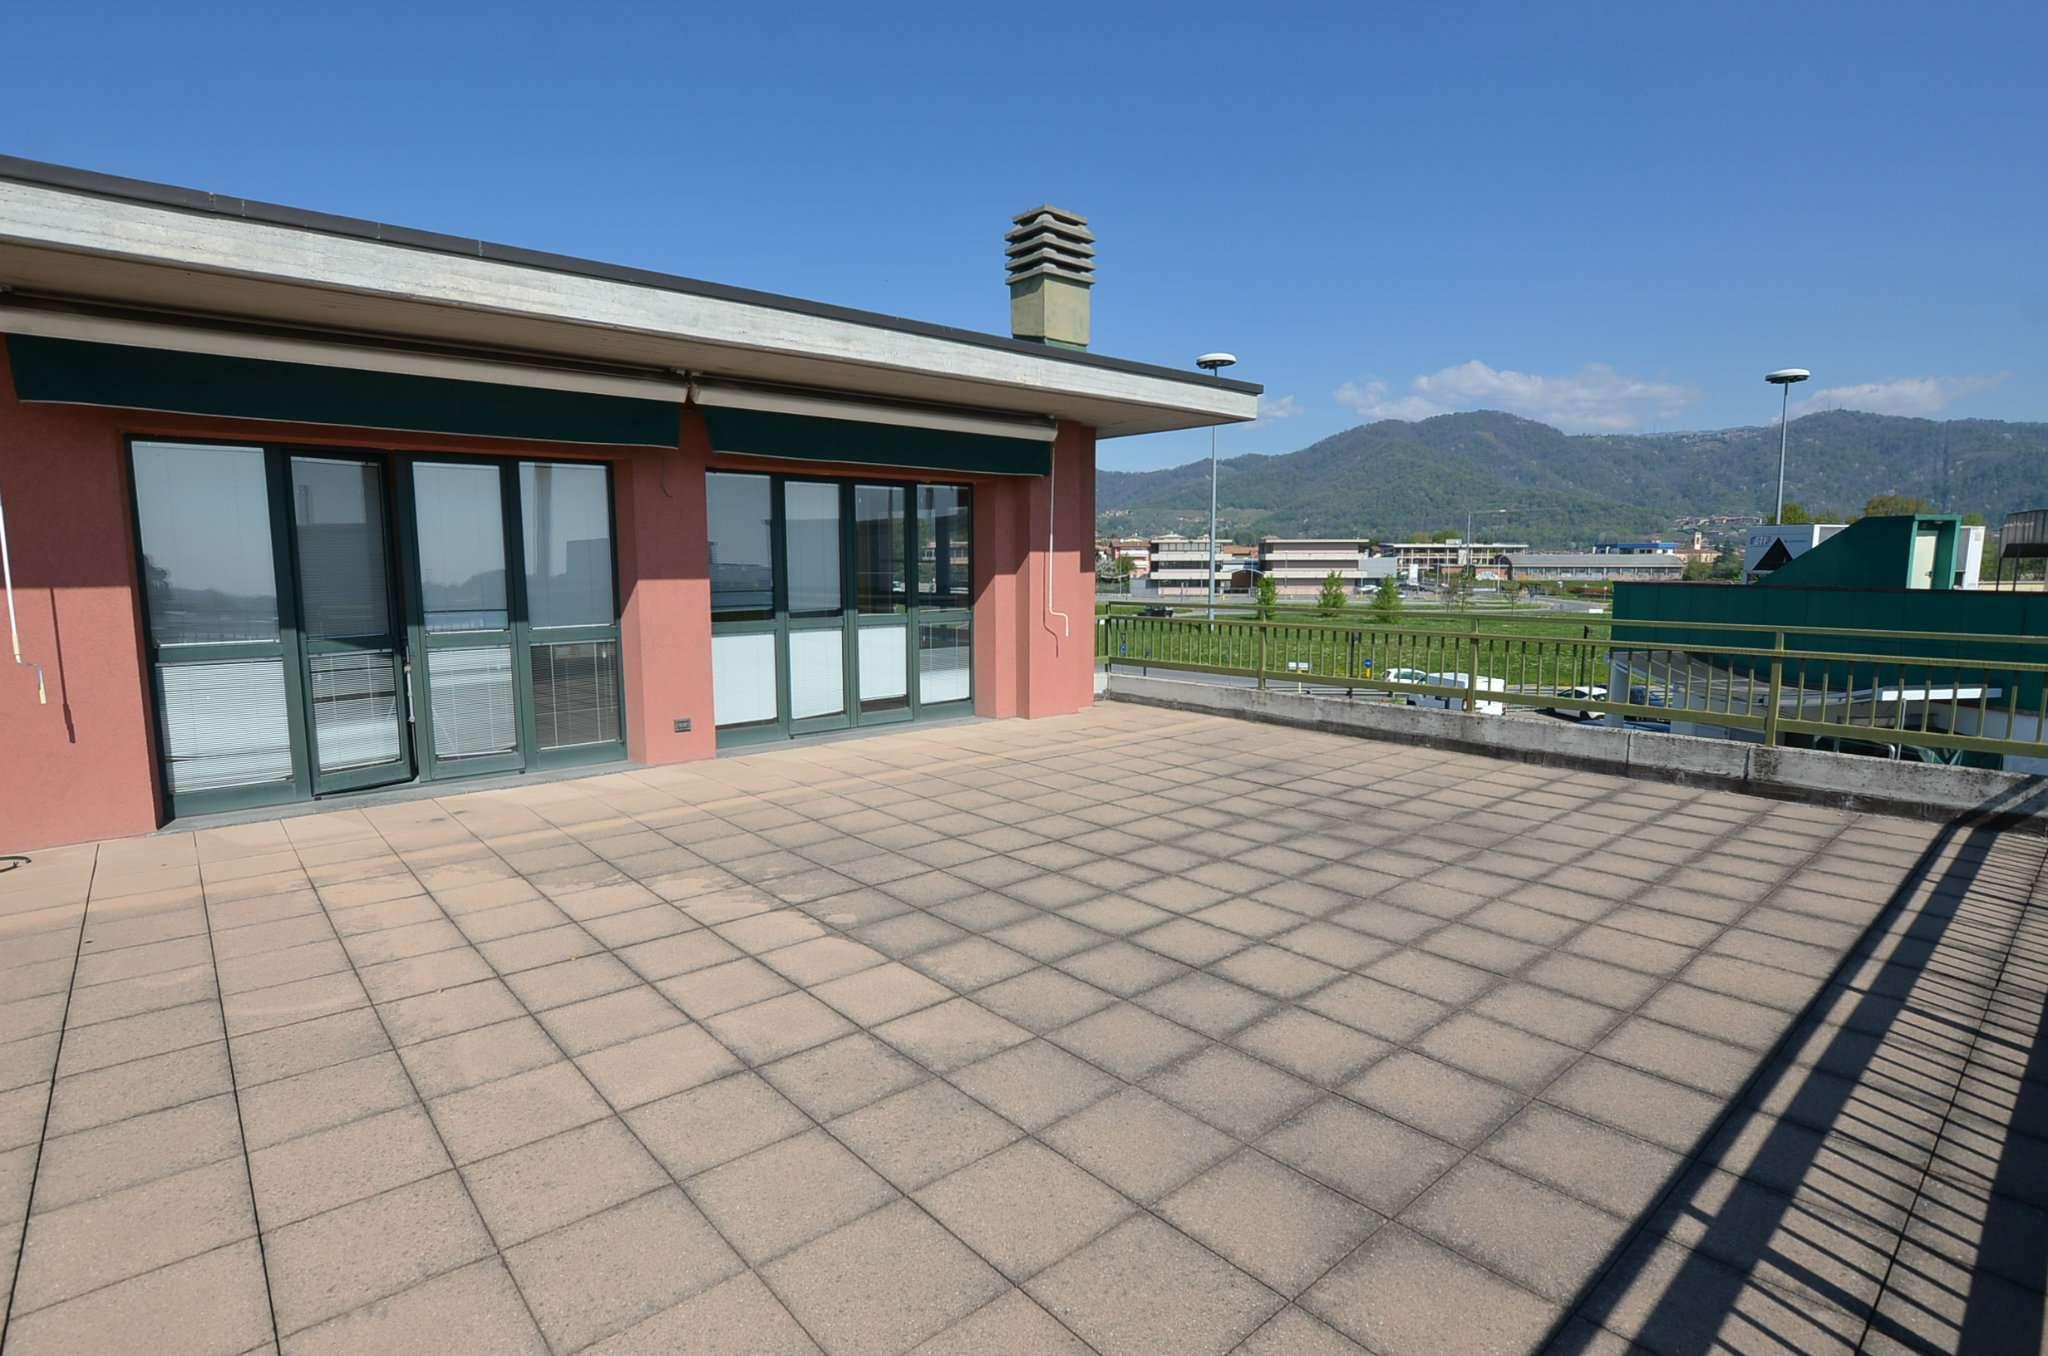 Ufficio / Studio in vendita a Calusco d'Adda, 7 locali, prezzo € 360.000 | PortaleAgenzieImmobiliari.it